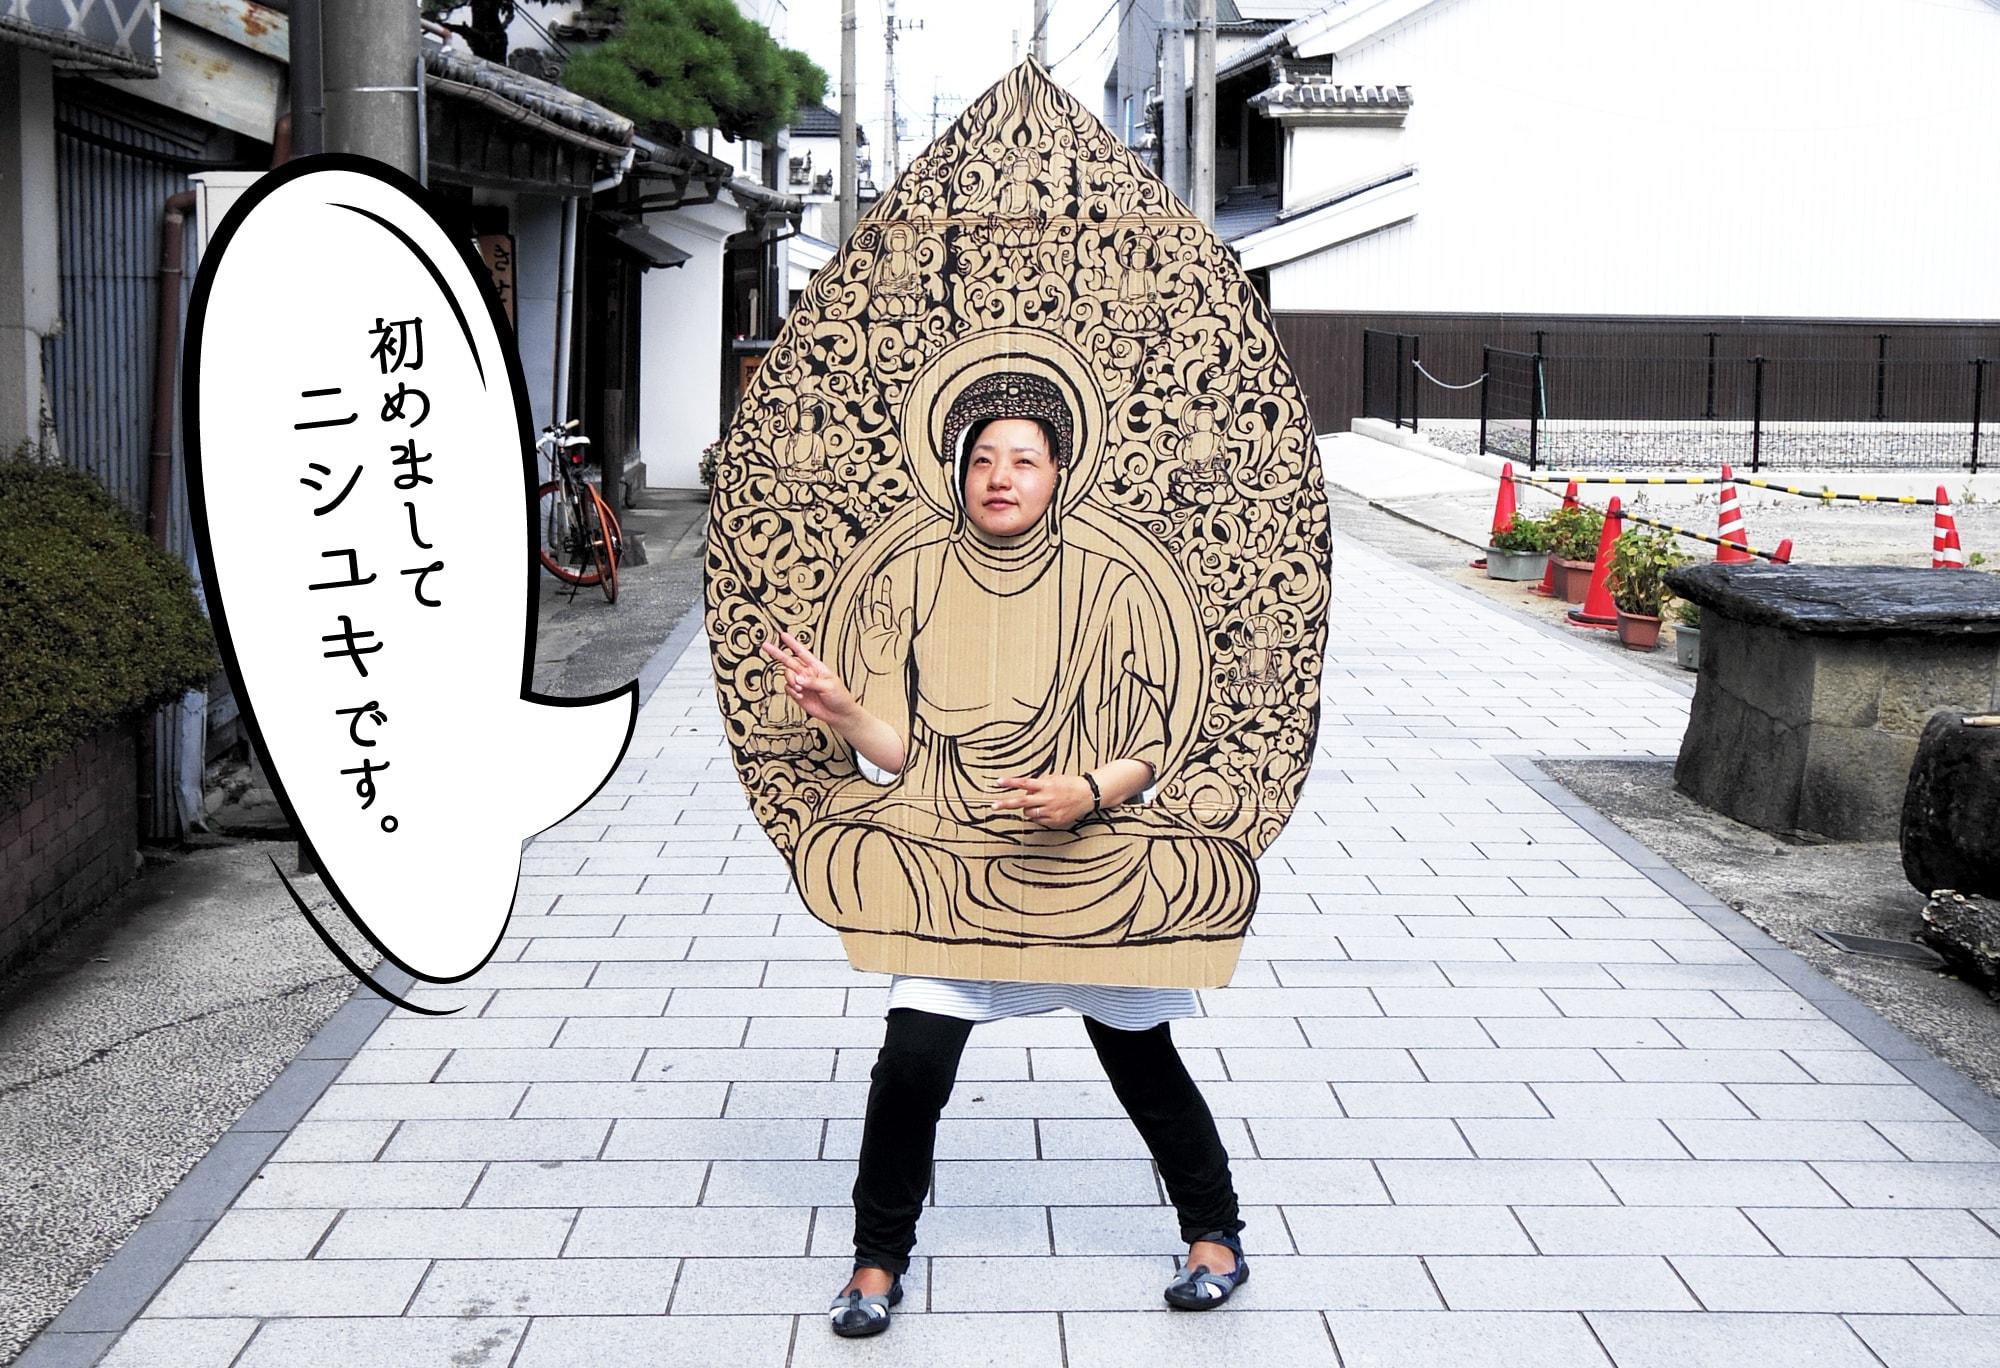 仏像をテーマにした顔ハメパネル:2D仏像顔出し看板作家 ニシユキテン